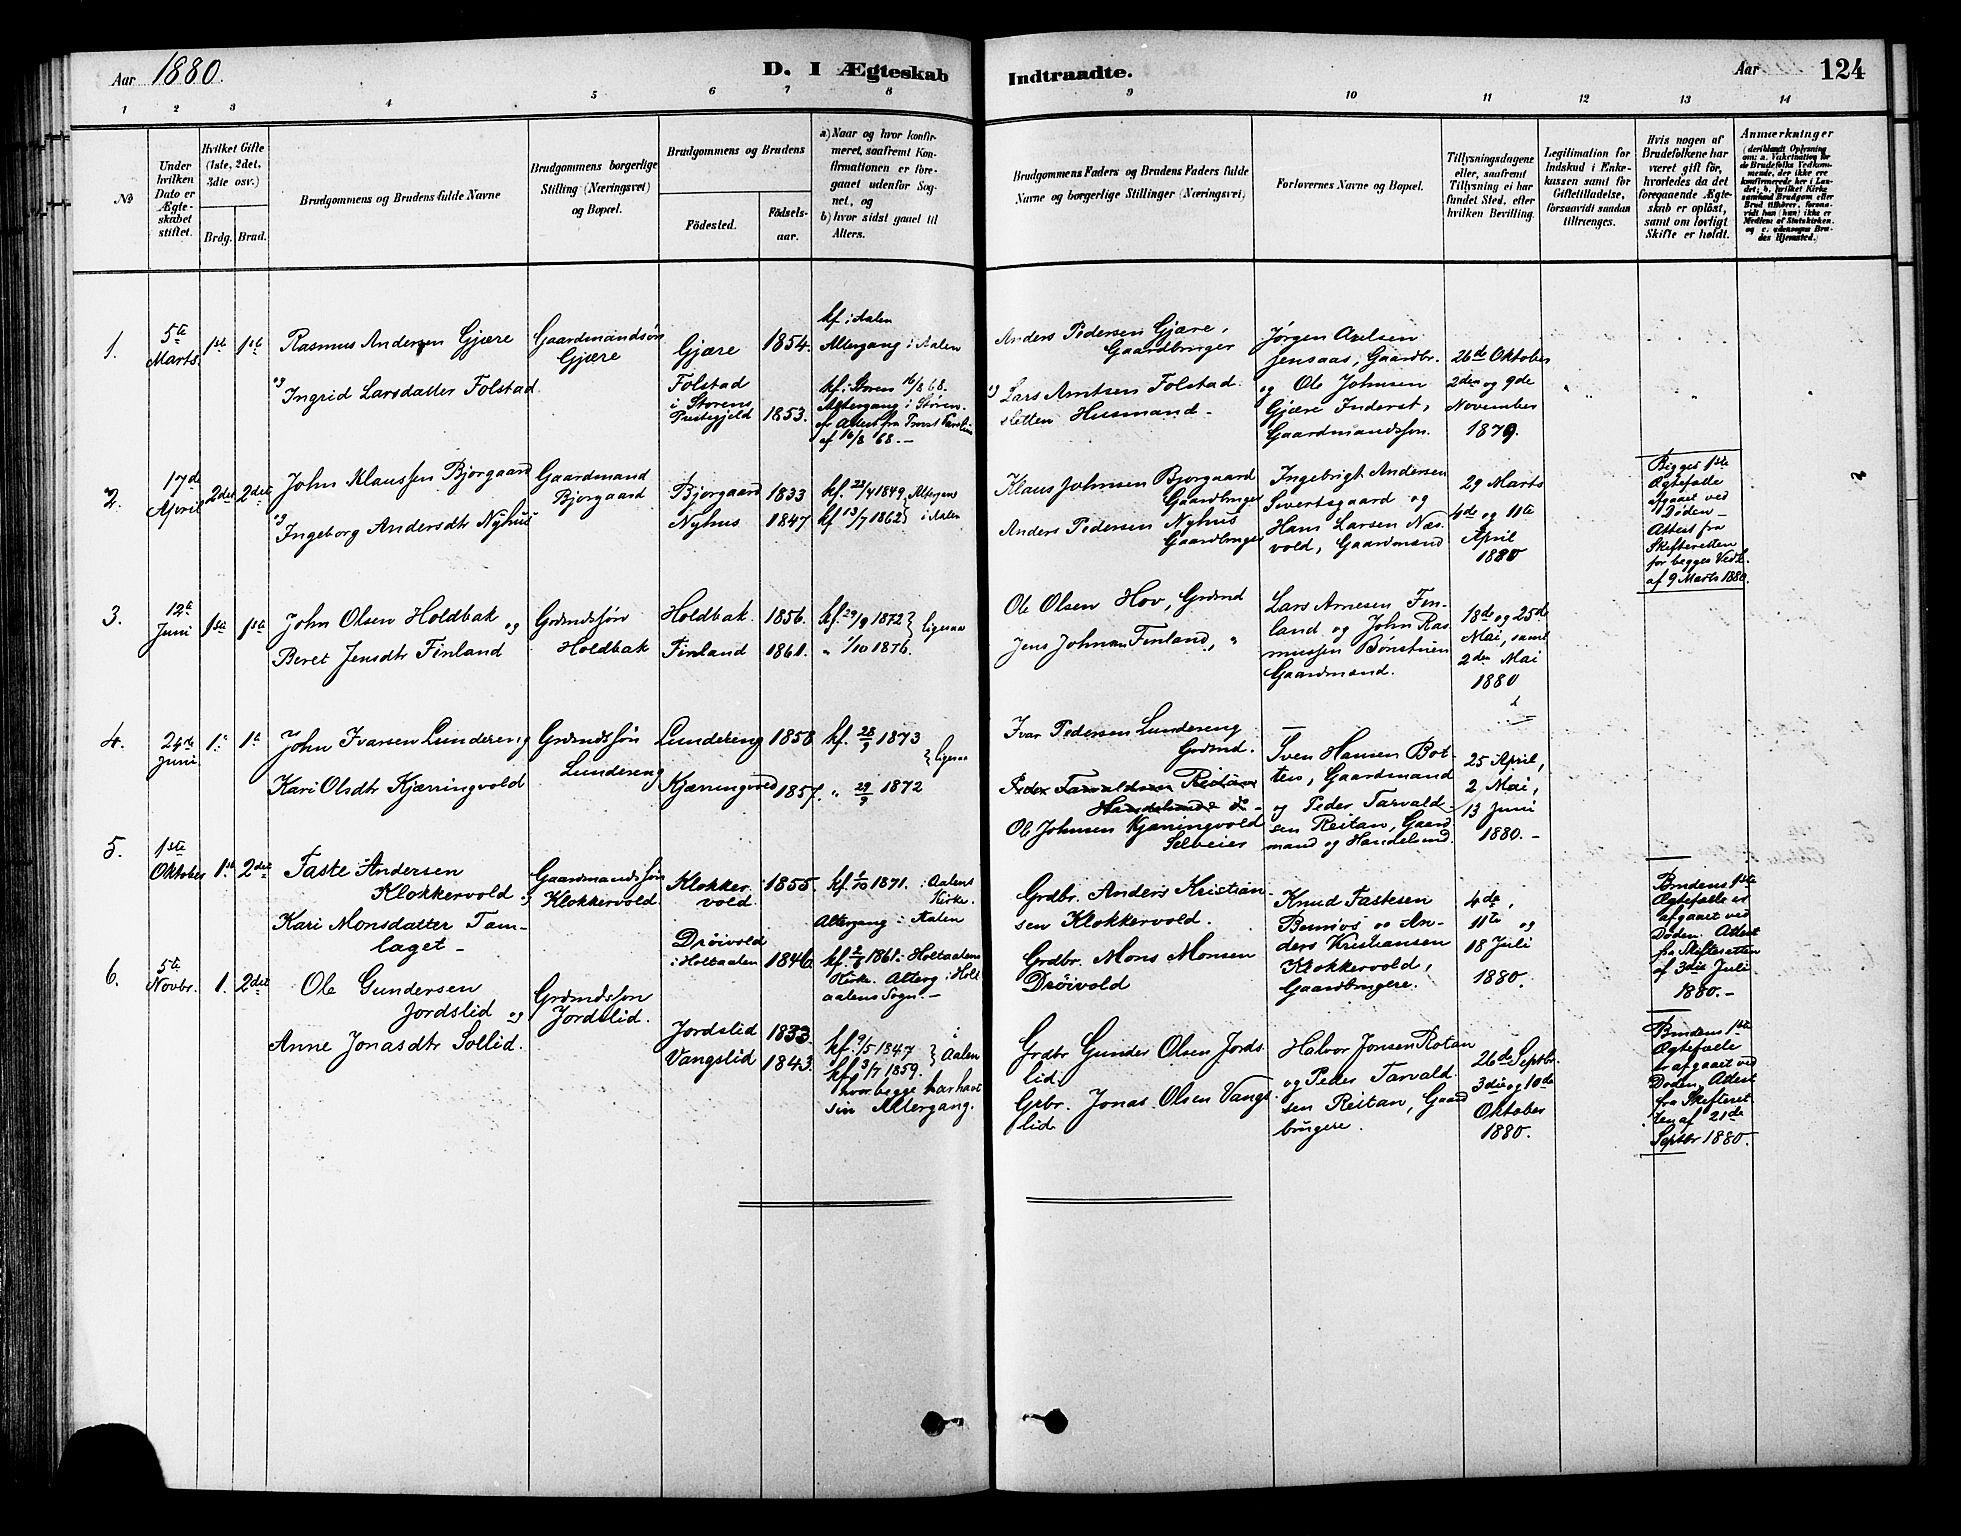 SAT, Ministerialprotokoller, klokkerbøker og fødselsregistre - Sør-Trøndelag, 686/L0983: Ministerialbok nr. 686A01, 1879-1890, s. 124